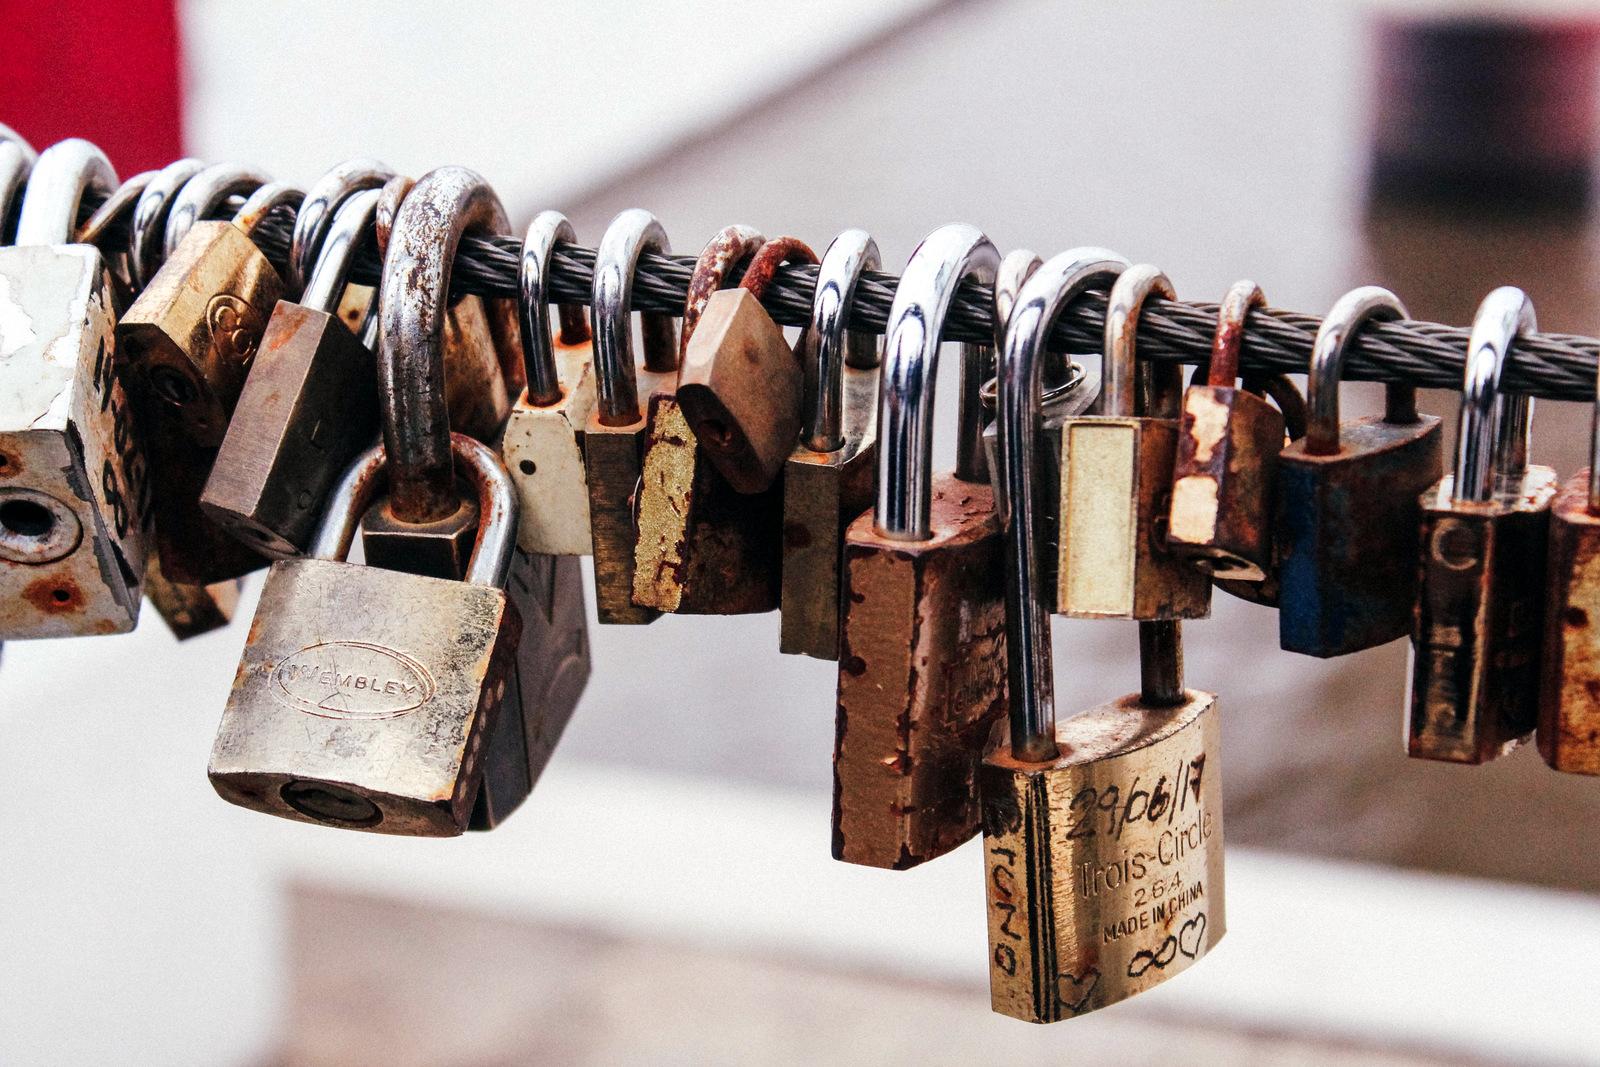 ► Schlösser gibt es in allen Formen, Größen und Varianten - aber welche lassen sich mit einem Einsteiger Lockpicking Set knacken?